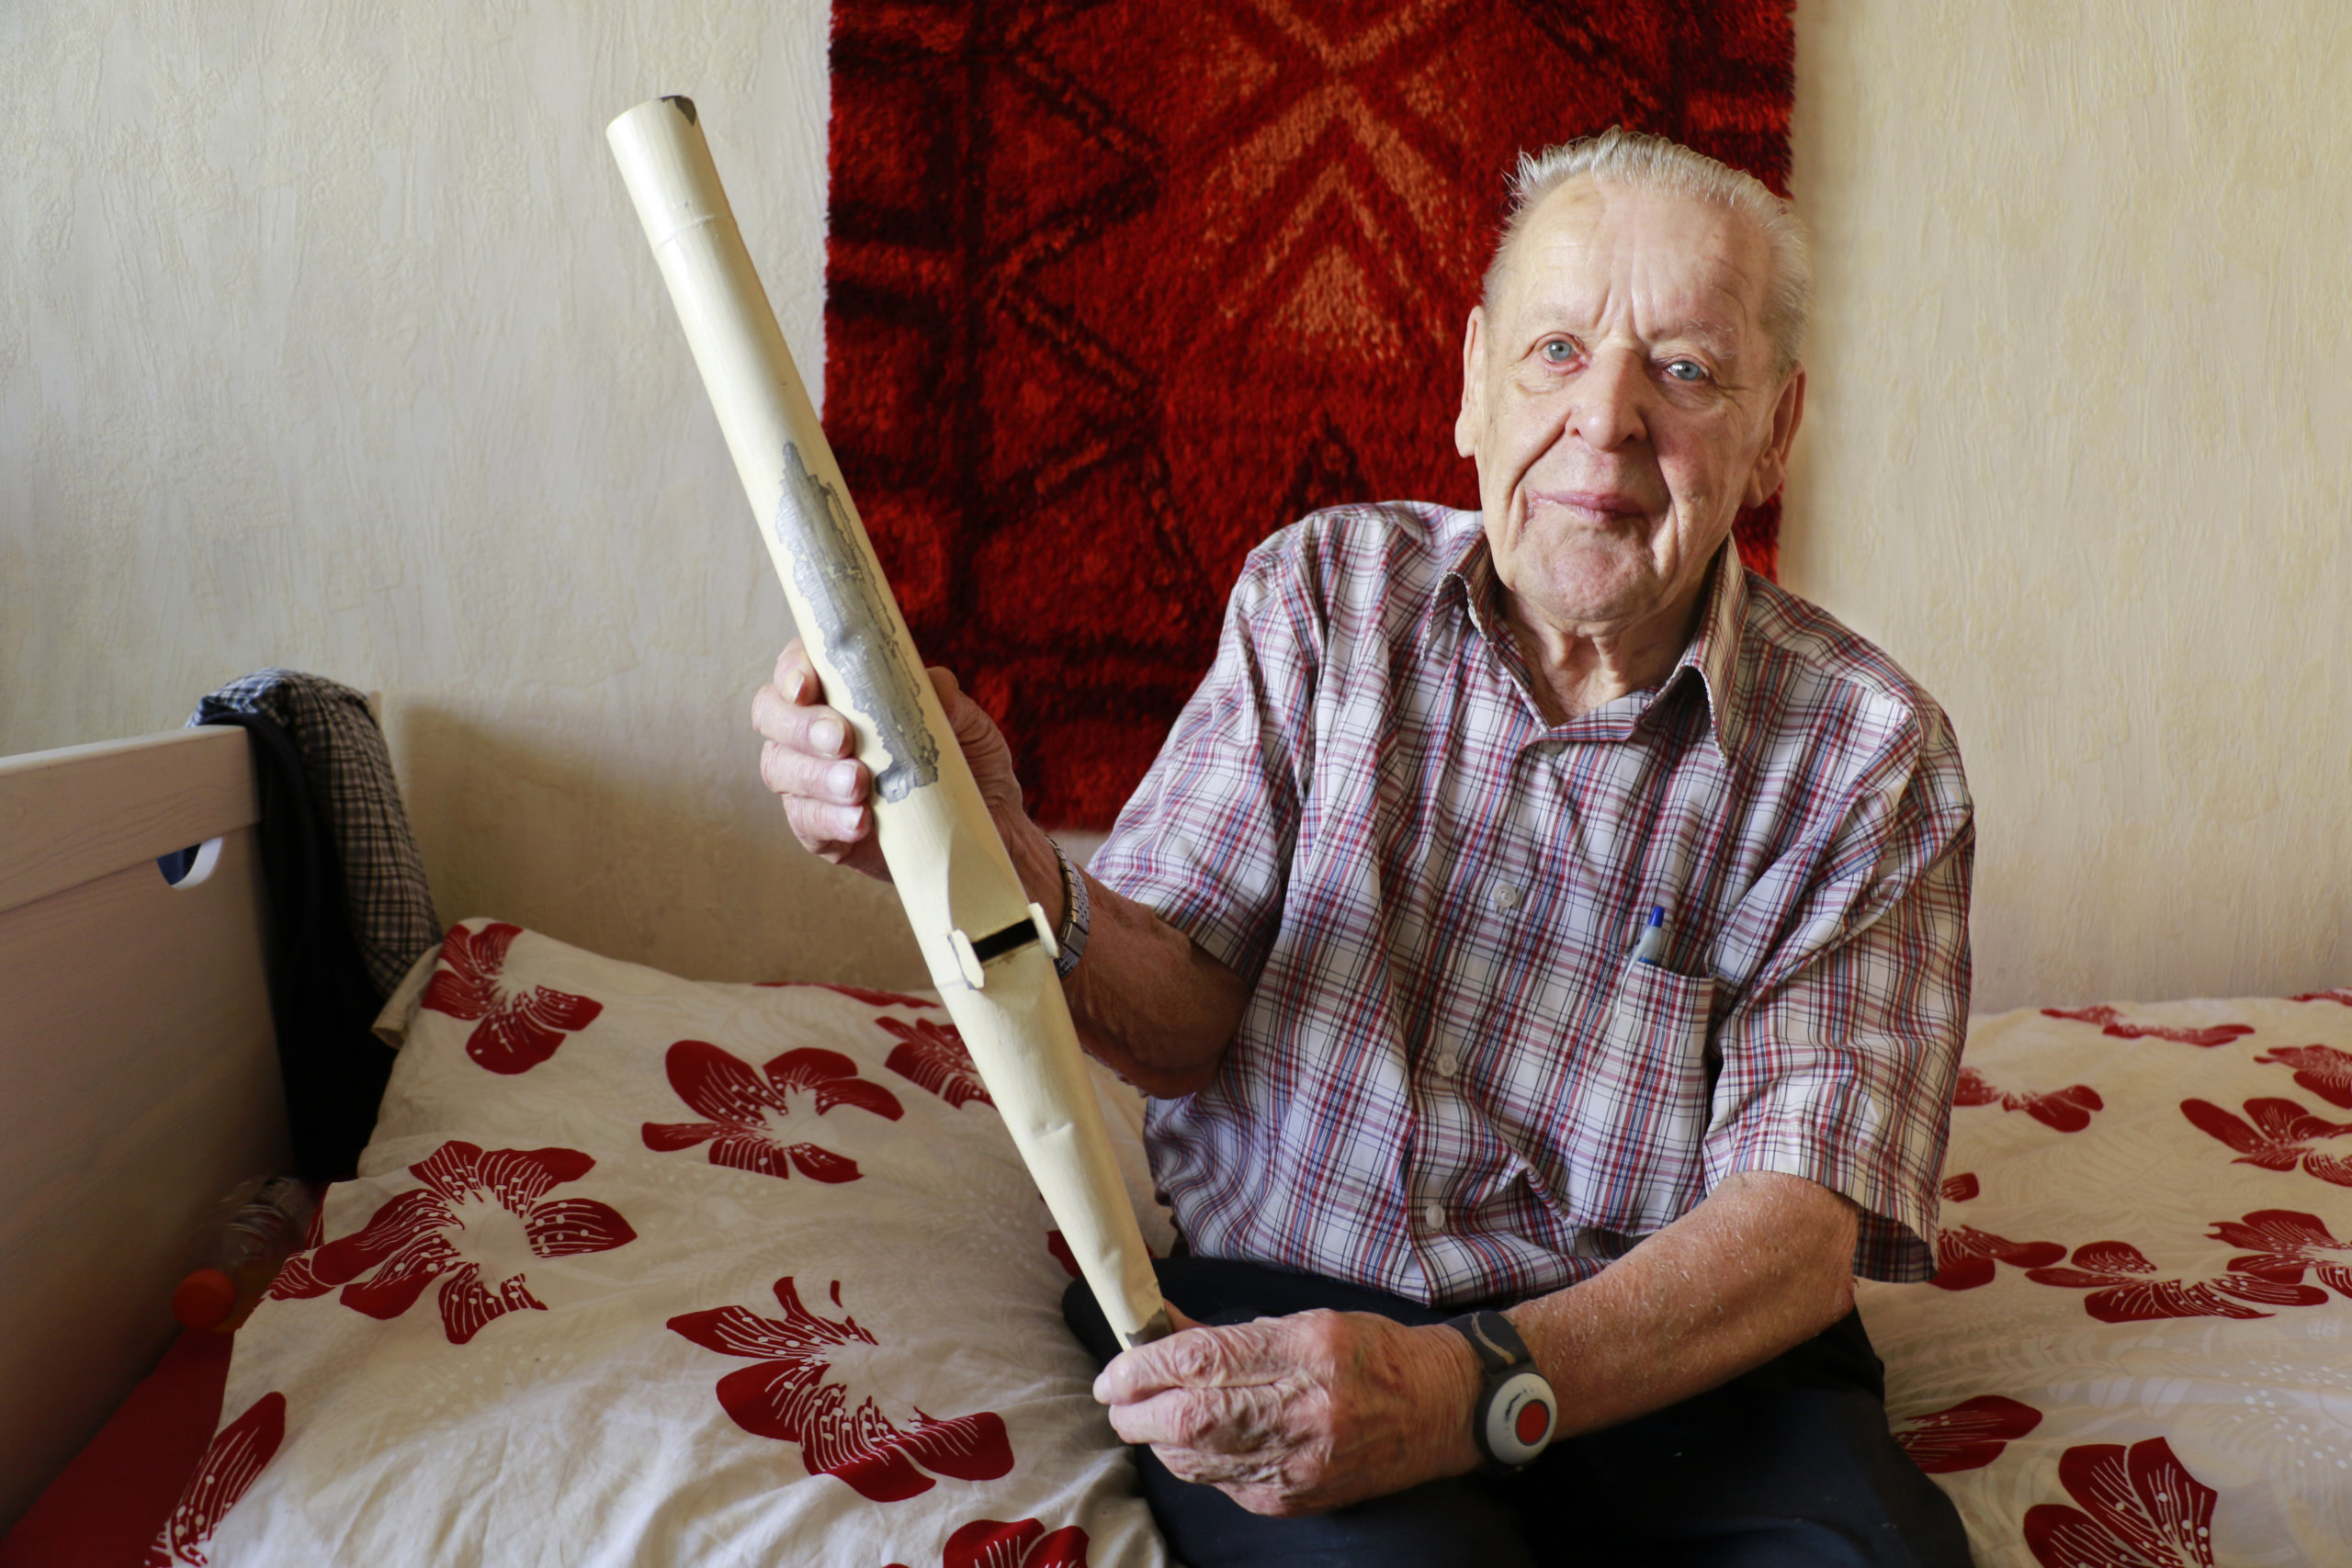 Eero Tanhuanpää on elämänsä aikana valmistanut tuhansia urkupillejä. Hän asuu nykyisin palvelutalo Maijalassa. – Täällä meistä asukkaista pidetään hyvää huolta, hän kiittelee.